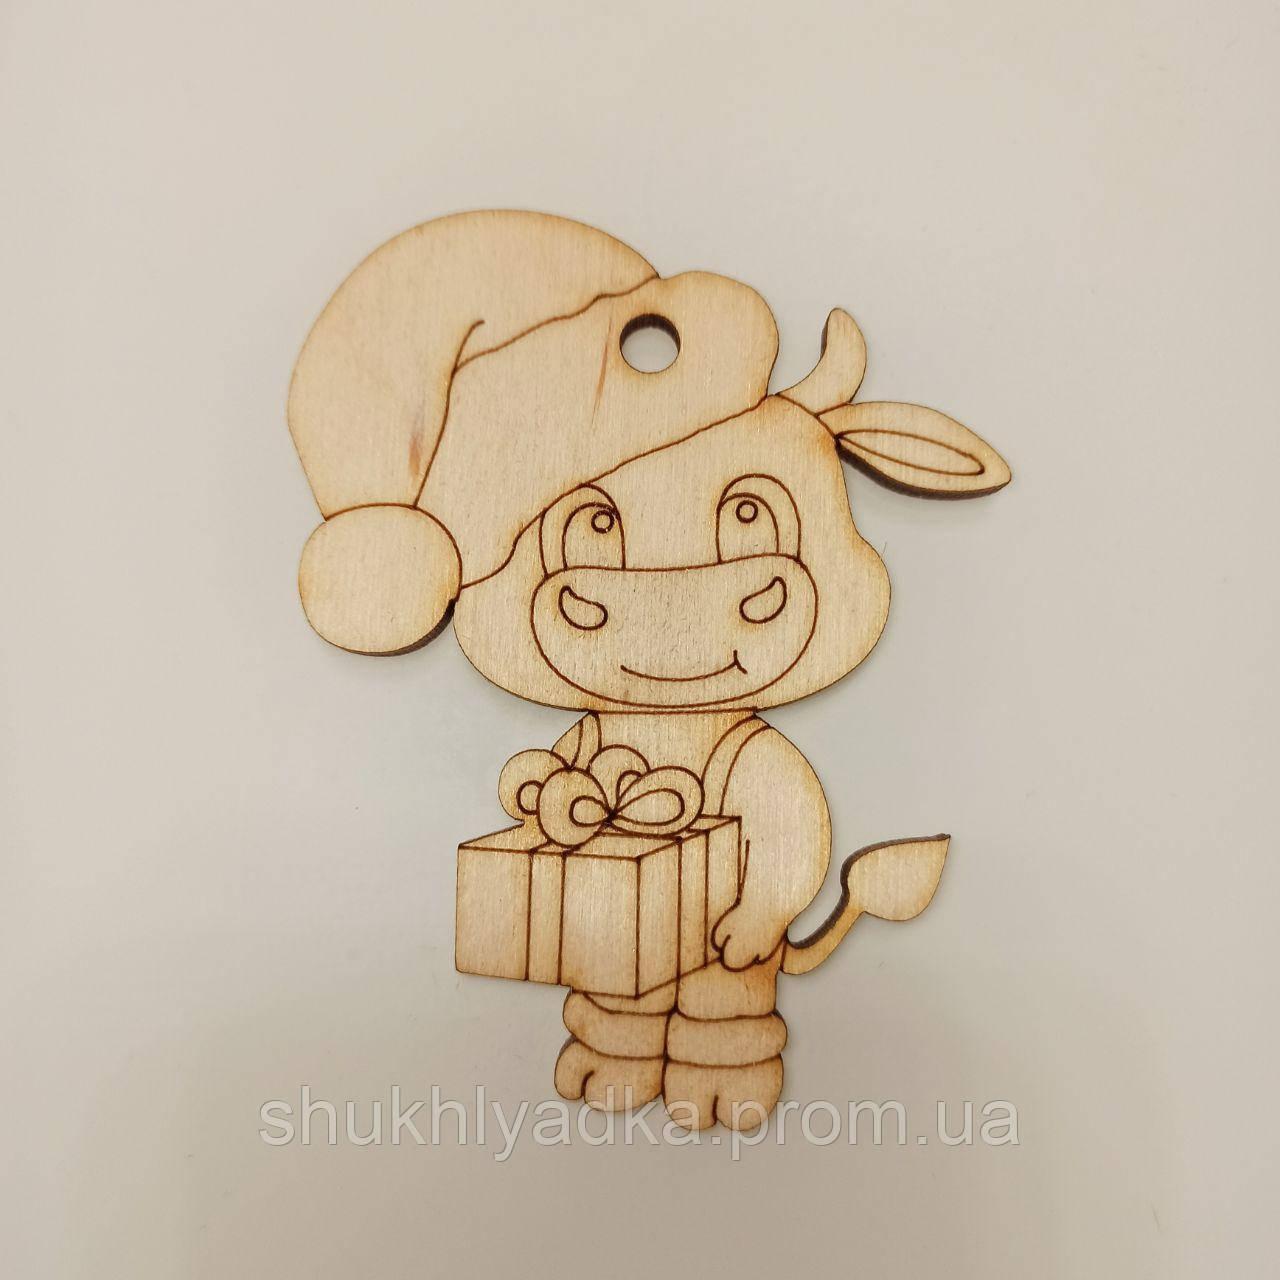 """Новогодняя деревянная елочная игрушка Подвеска """"Коровка с подарком""""_деревянный декор_Новый год"""